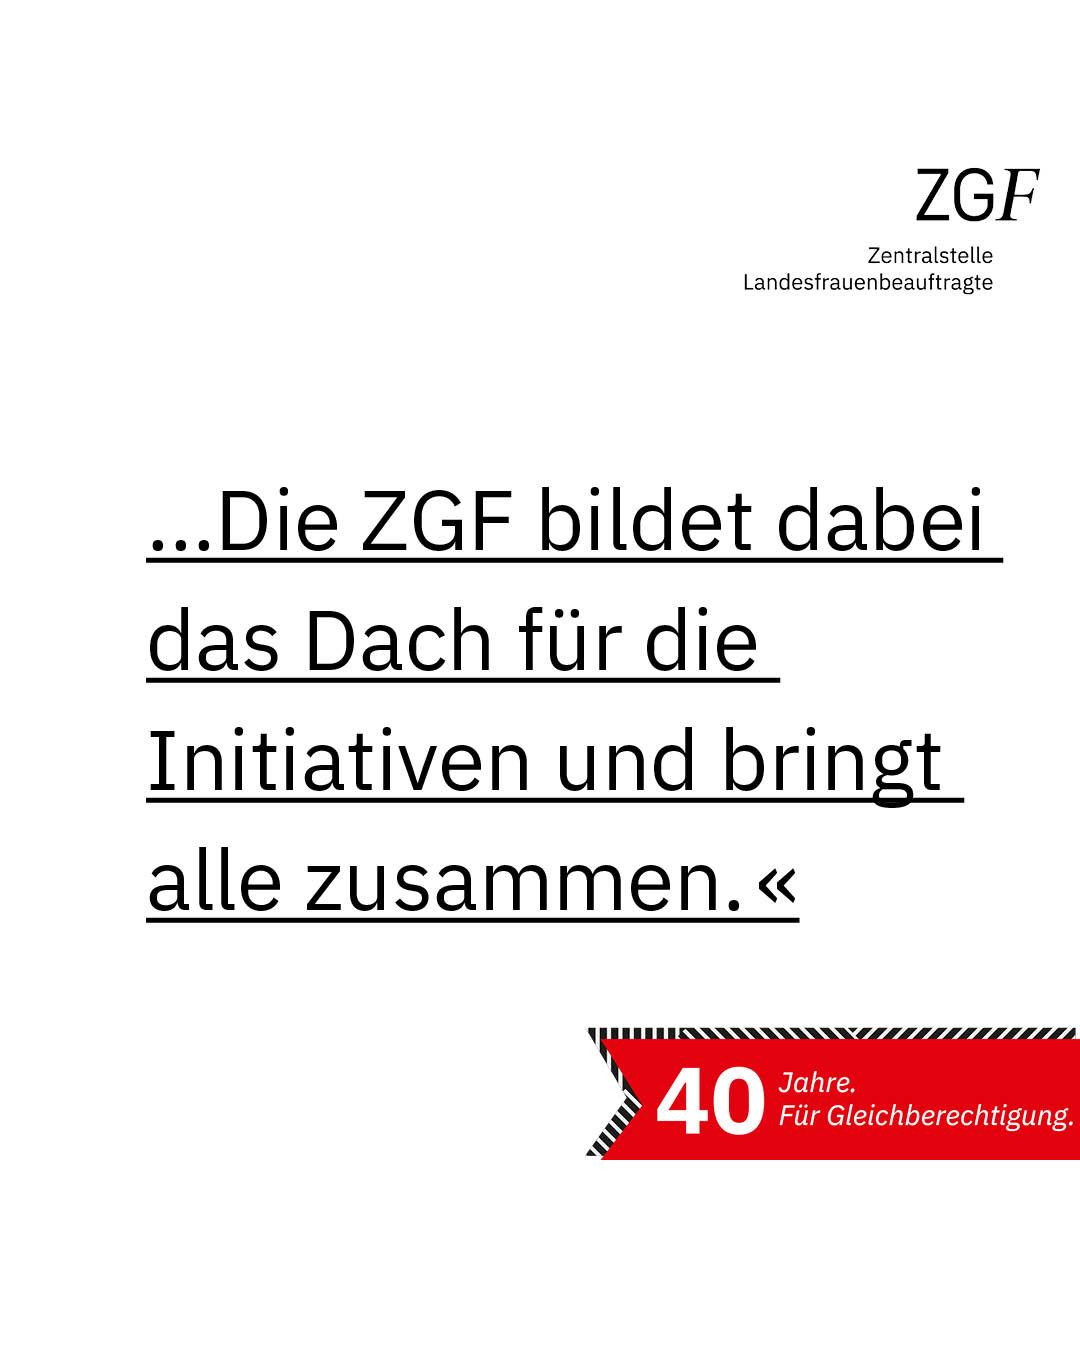 Statement 40 Jahre Gleichberechtigung, Sina Dertwinkel, MdBB, CDU Bremerhaven